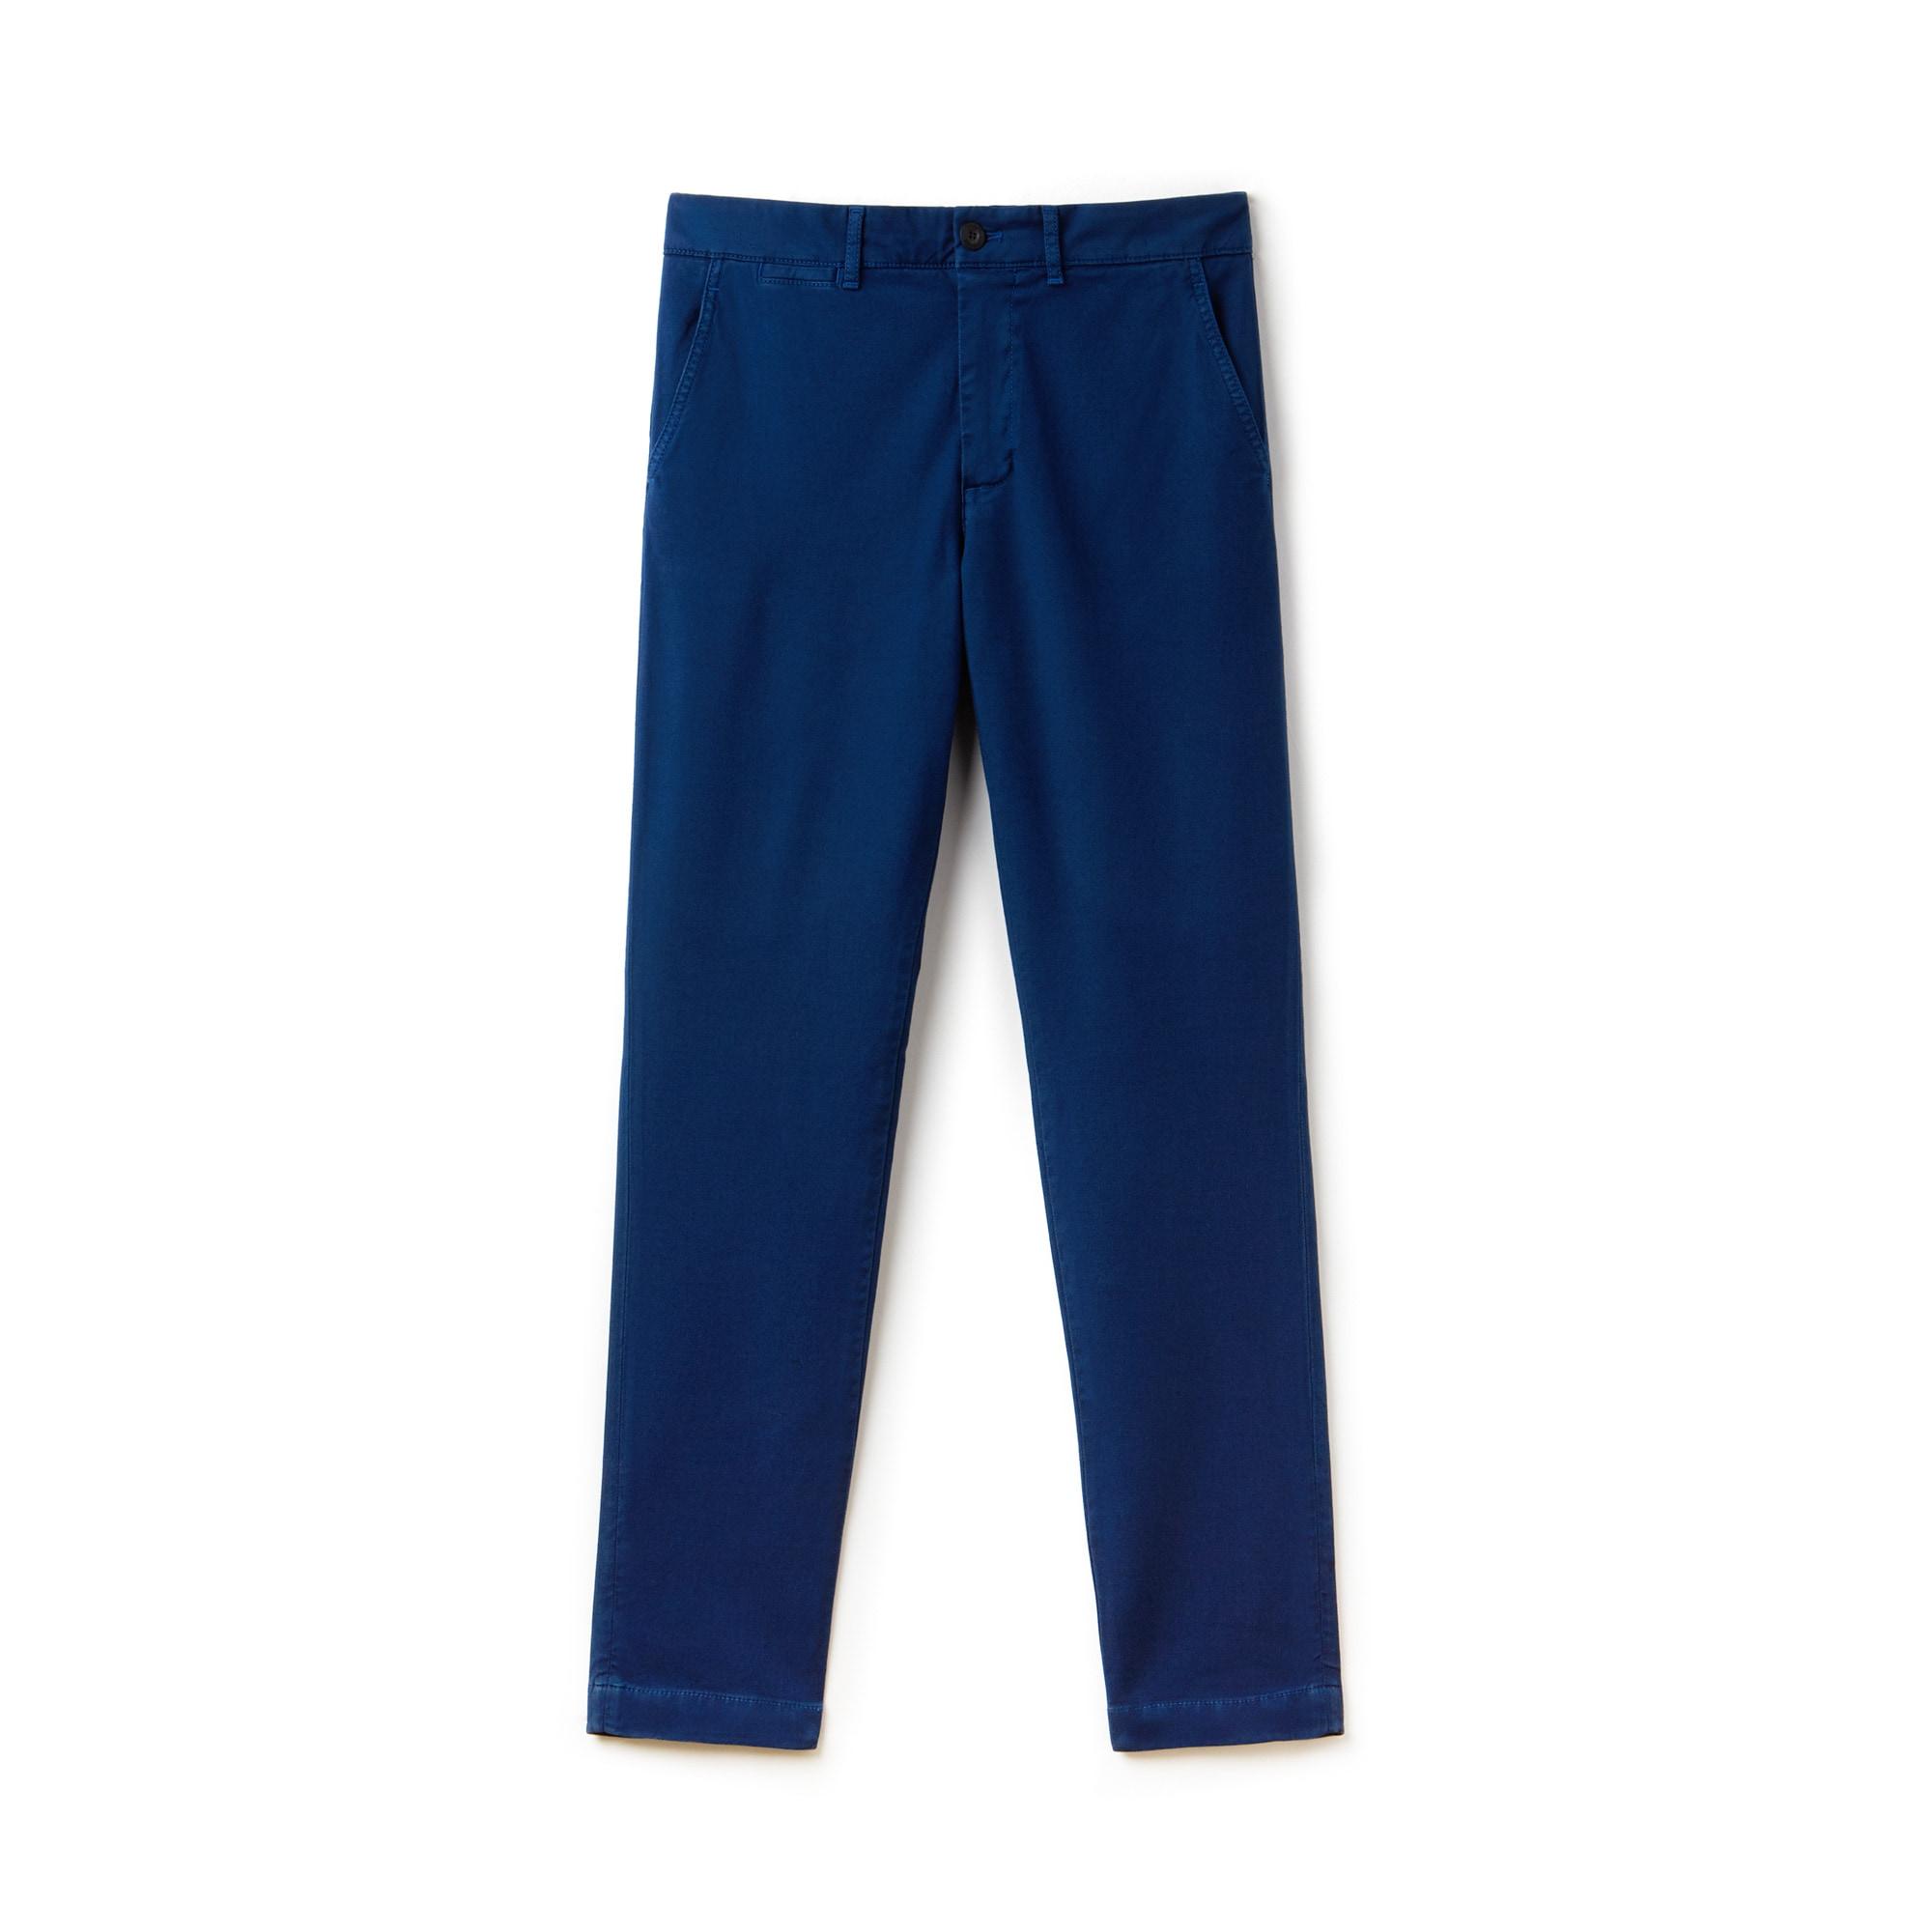 Pantaloni chino slim fit in cotone stretch a rilievi